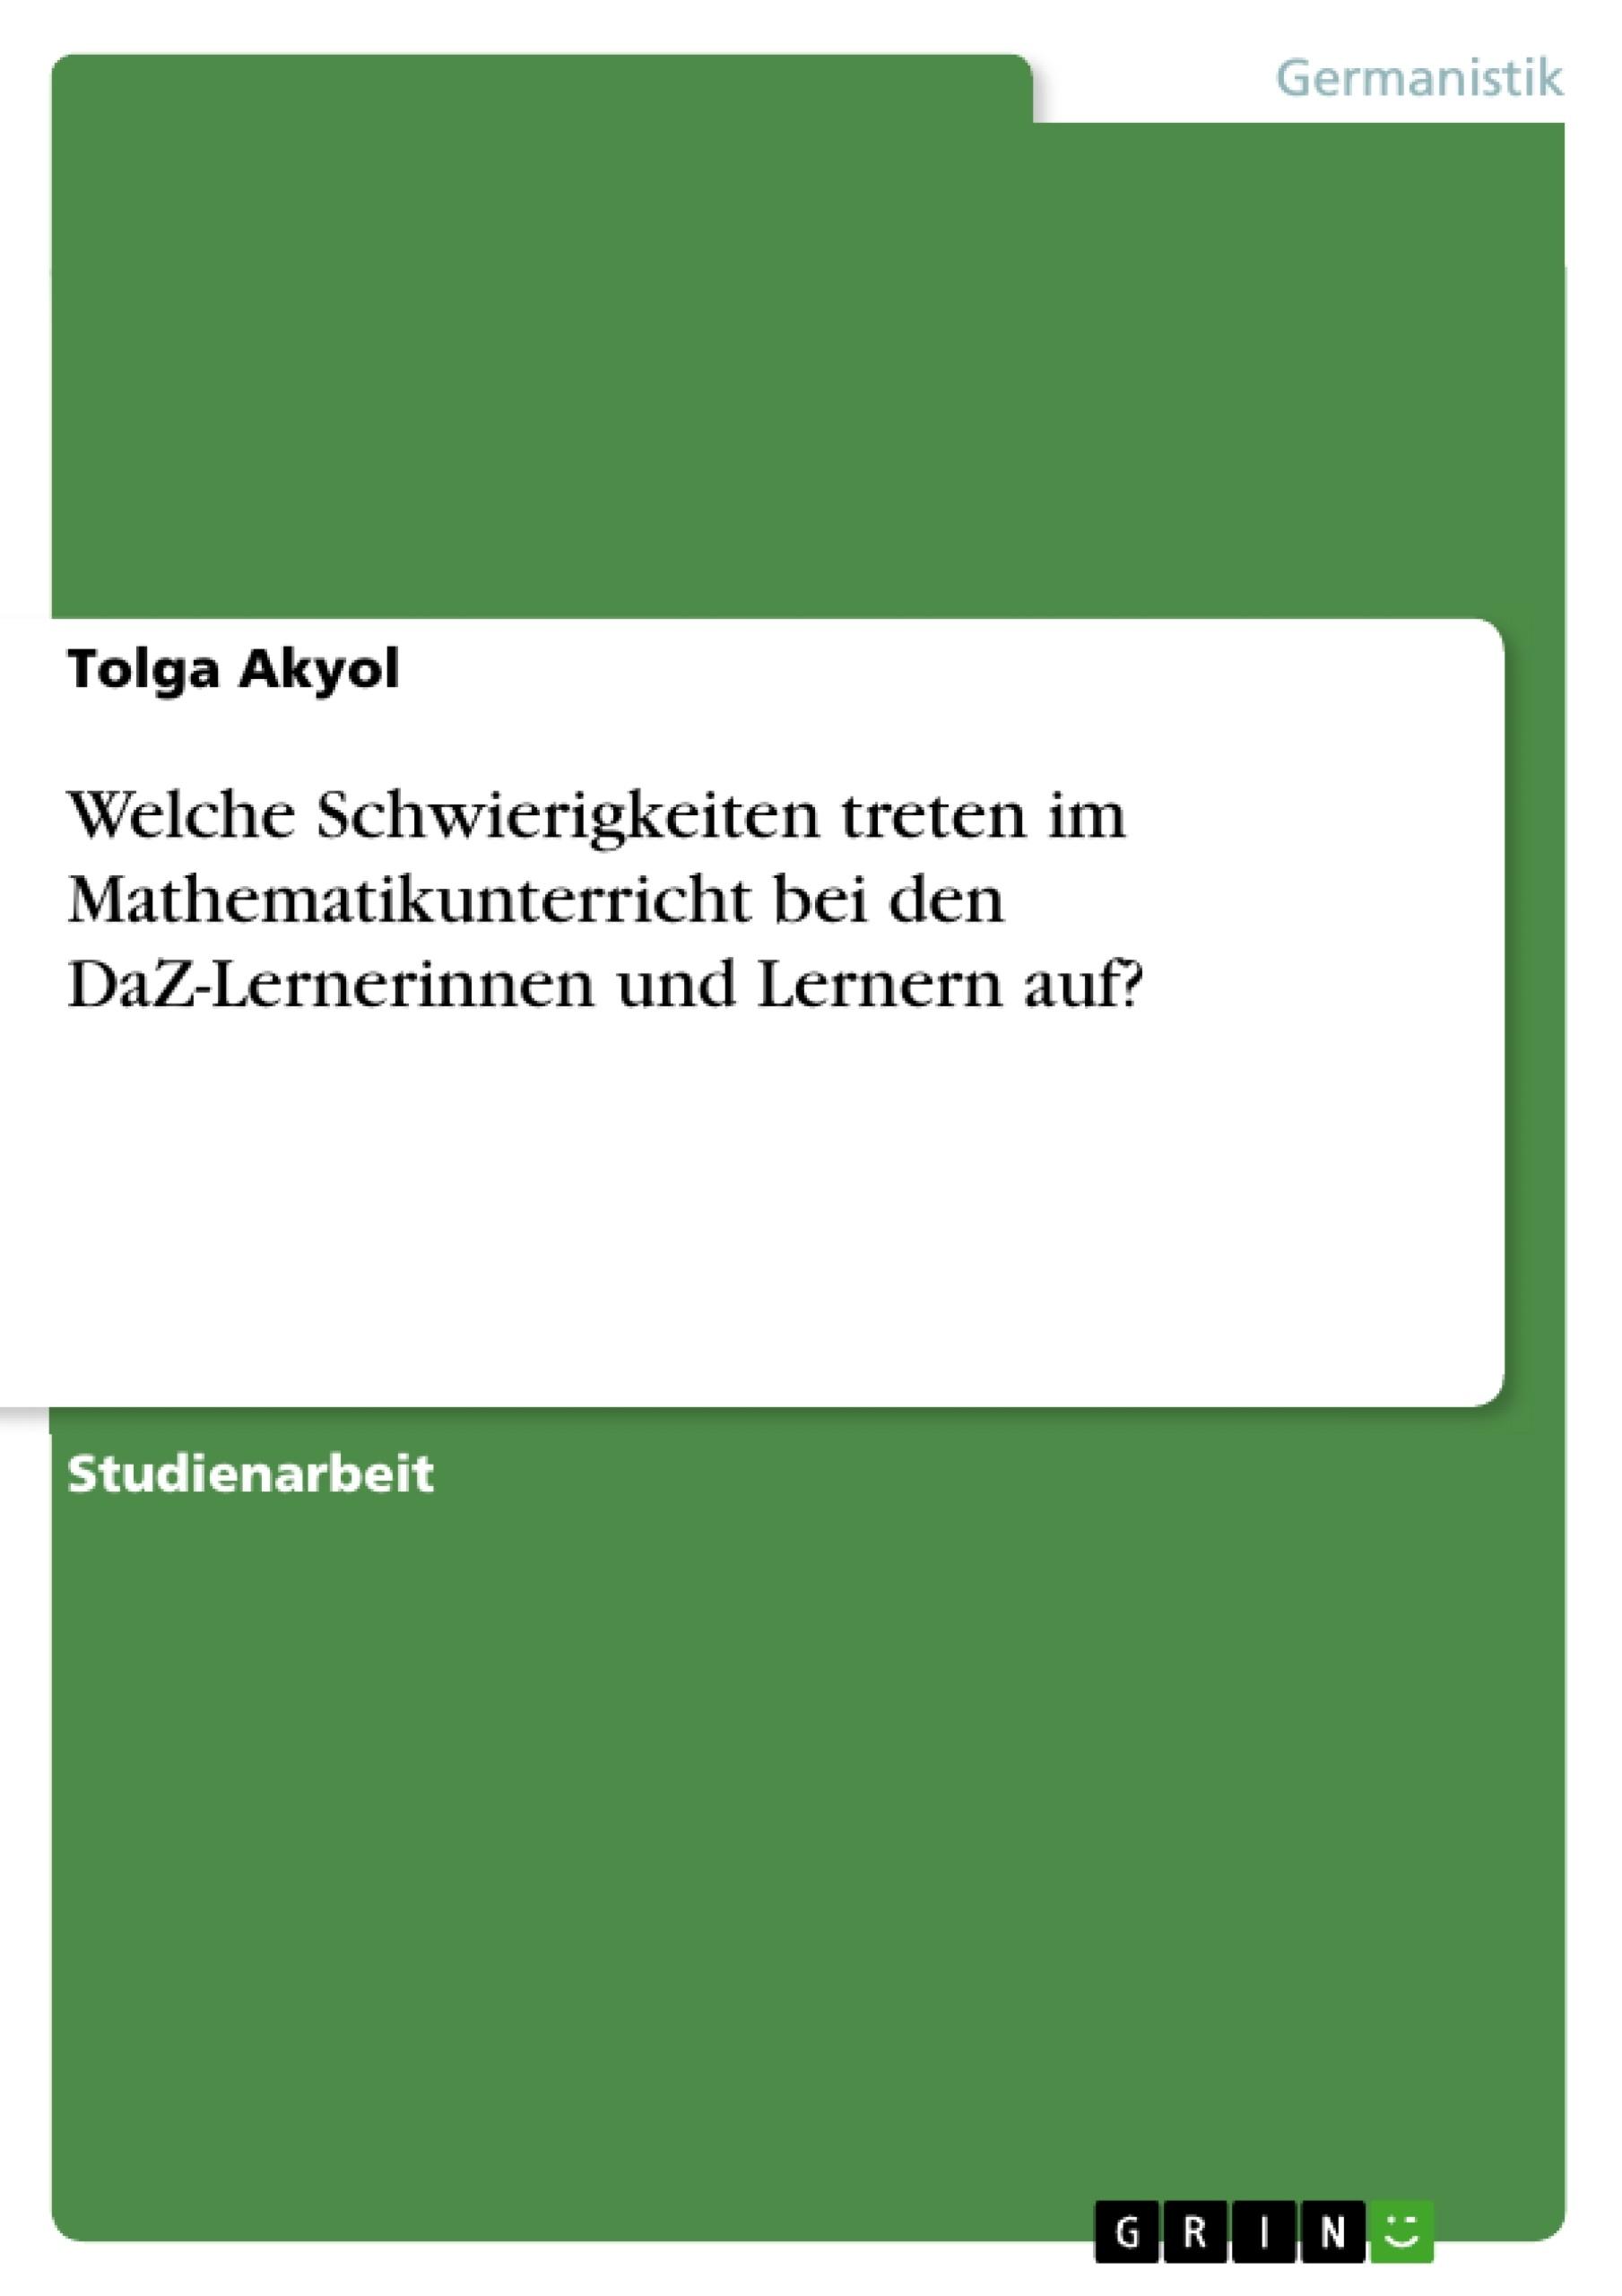 Titel: Welche Schwierigkeiten treten im Mathematikunterricht bei den DaZ-Lernerinnen und Lernern auf?